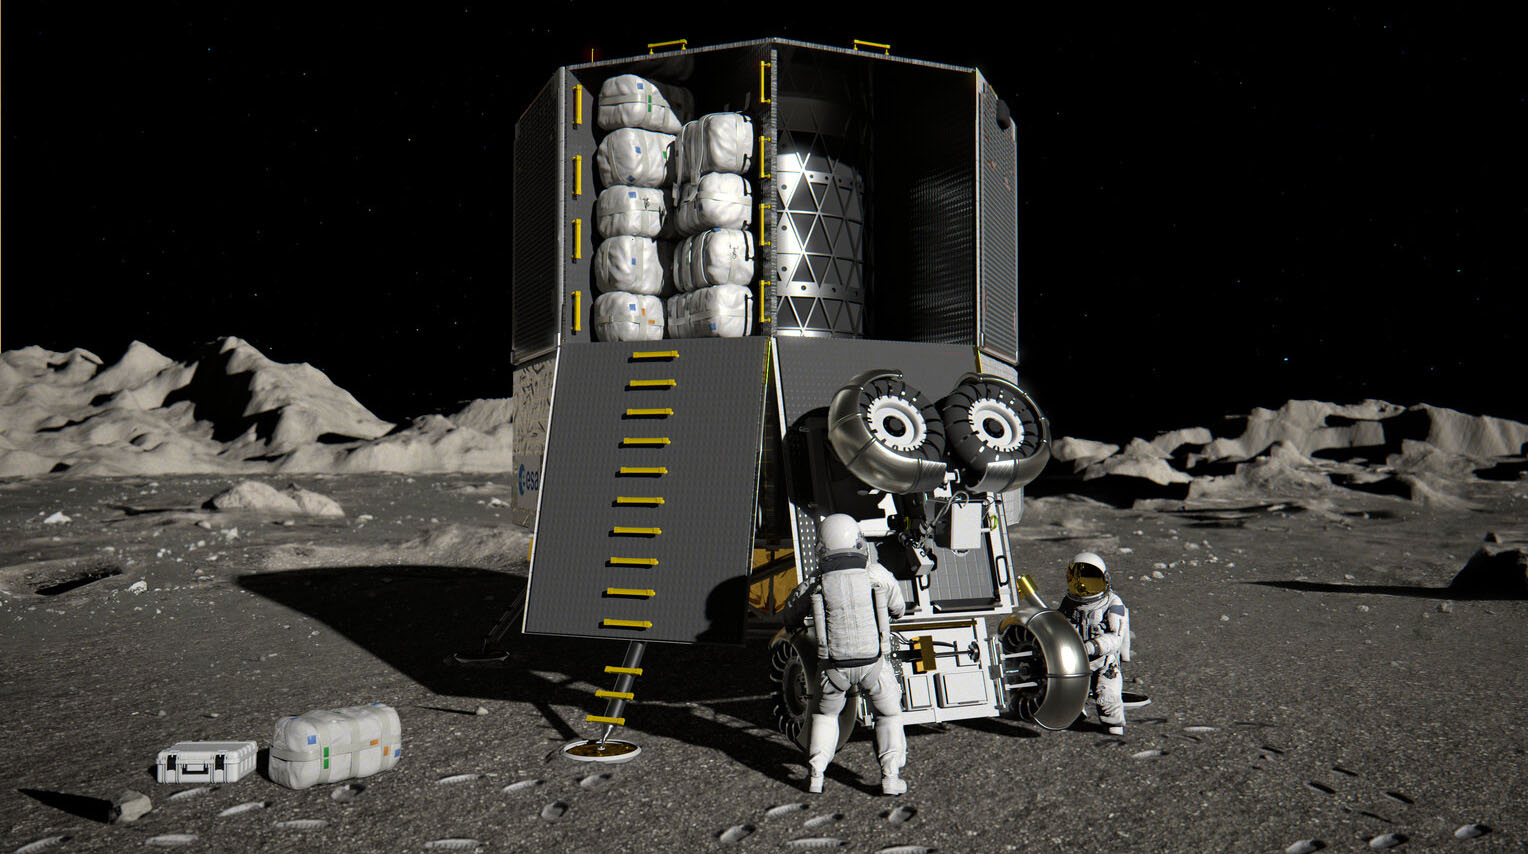 Heracles Large Logistics Lander er et fartøy ESA skal bygge for logistikkoppdrag til månen i fremtiden. Illustrasjon: ESA.